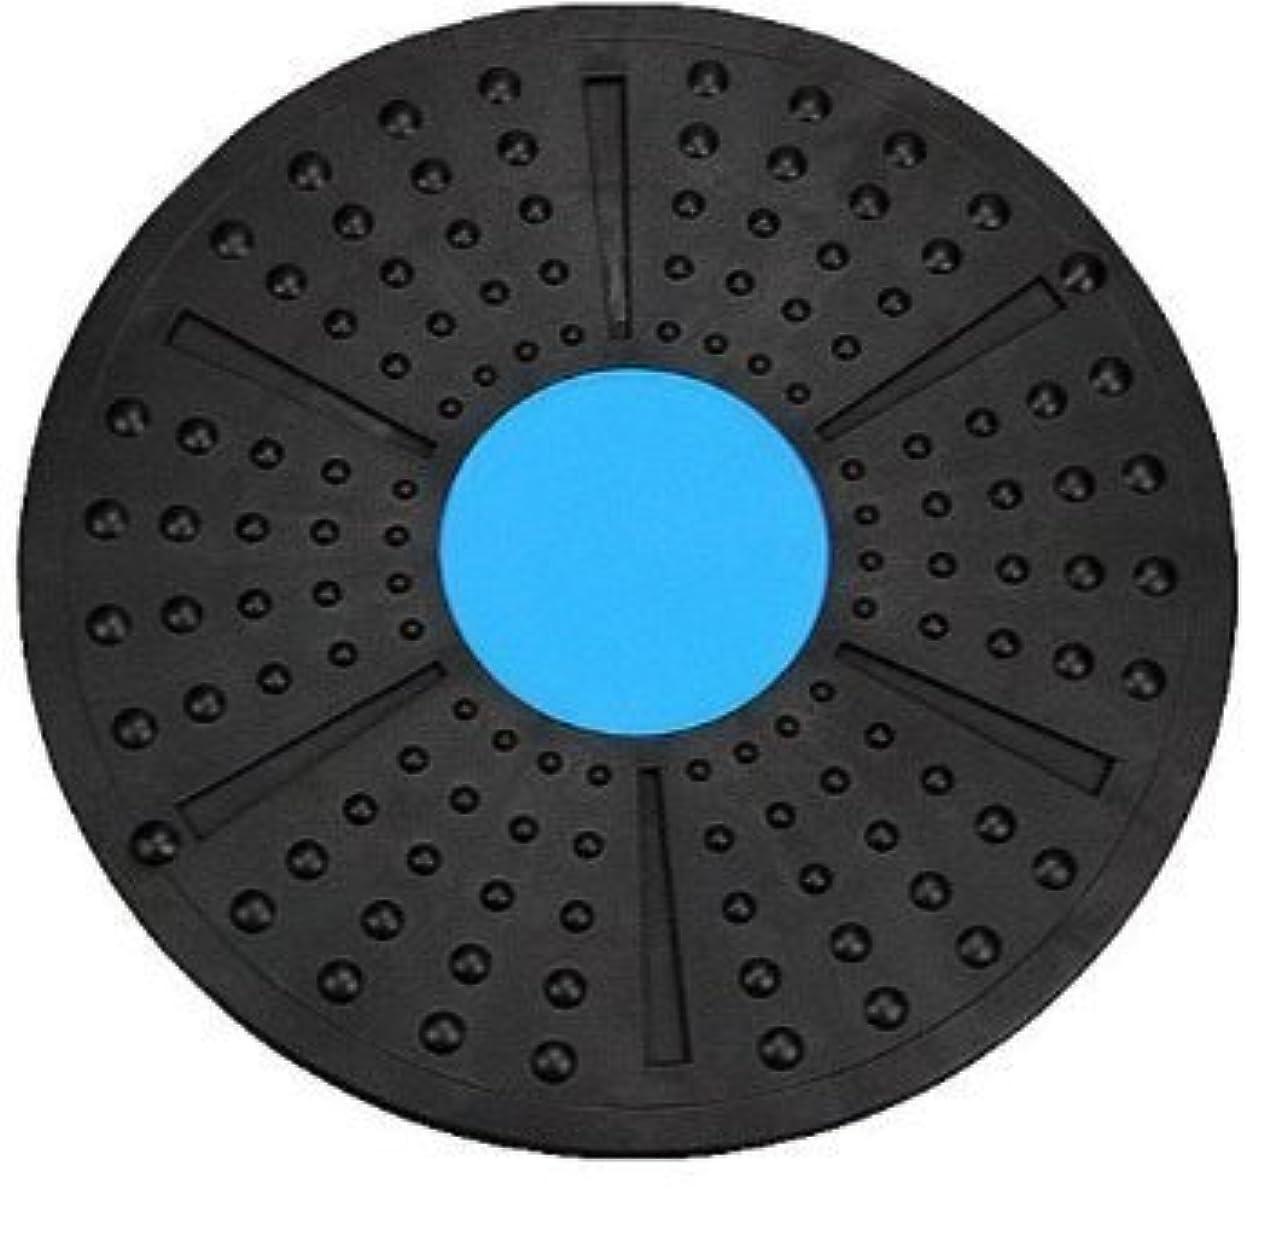 うま定義するバター体幹トレーニング ダイエット エクササイズ メディカルサポート バランスボード 2色 これ1つで全身運動 (青×黒)